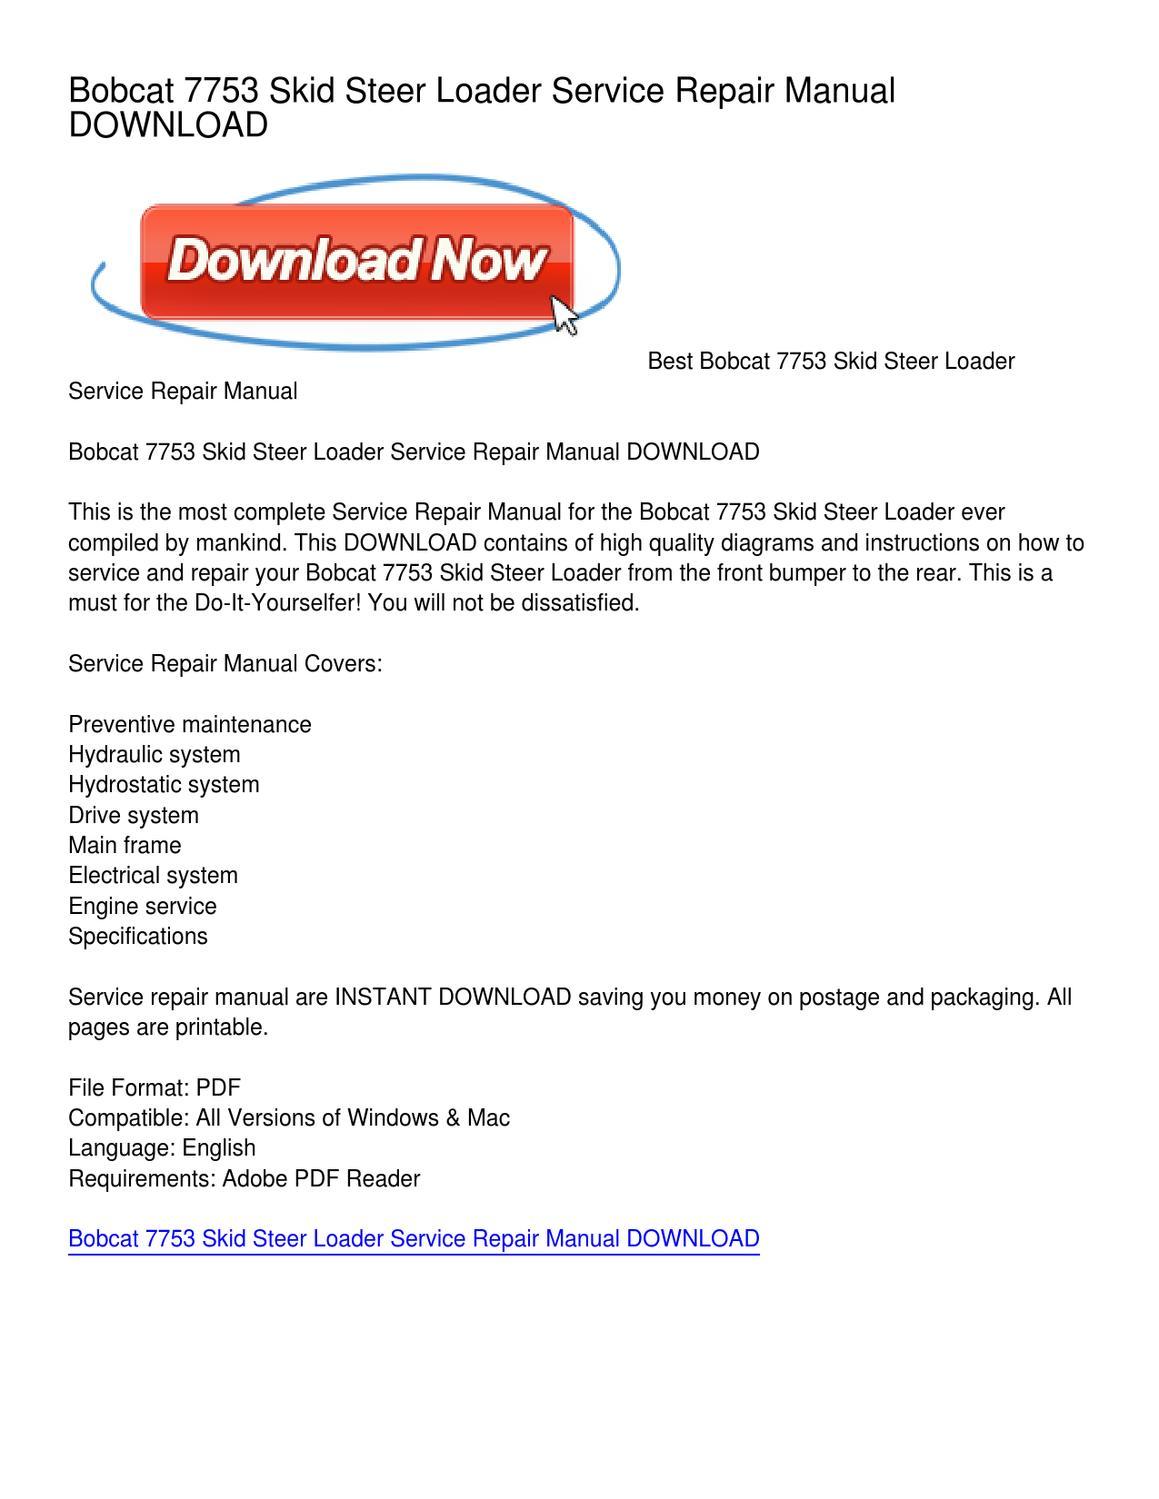 bobcat 7753 skid steer loader service repair manual by bobcat 7753 skid steer loader service repair manual by karen minnick issuu